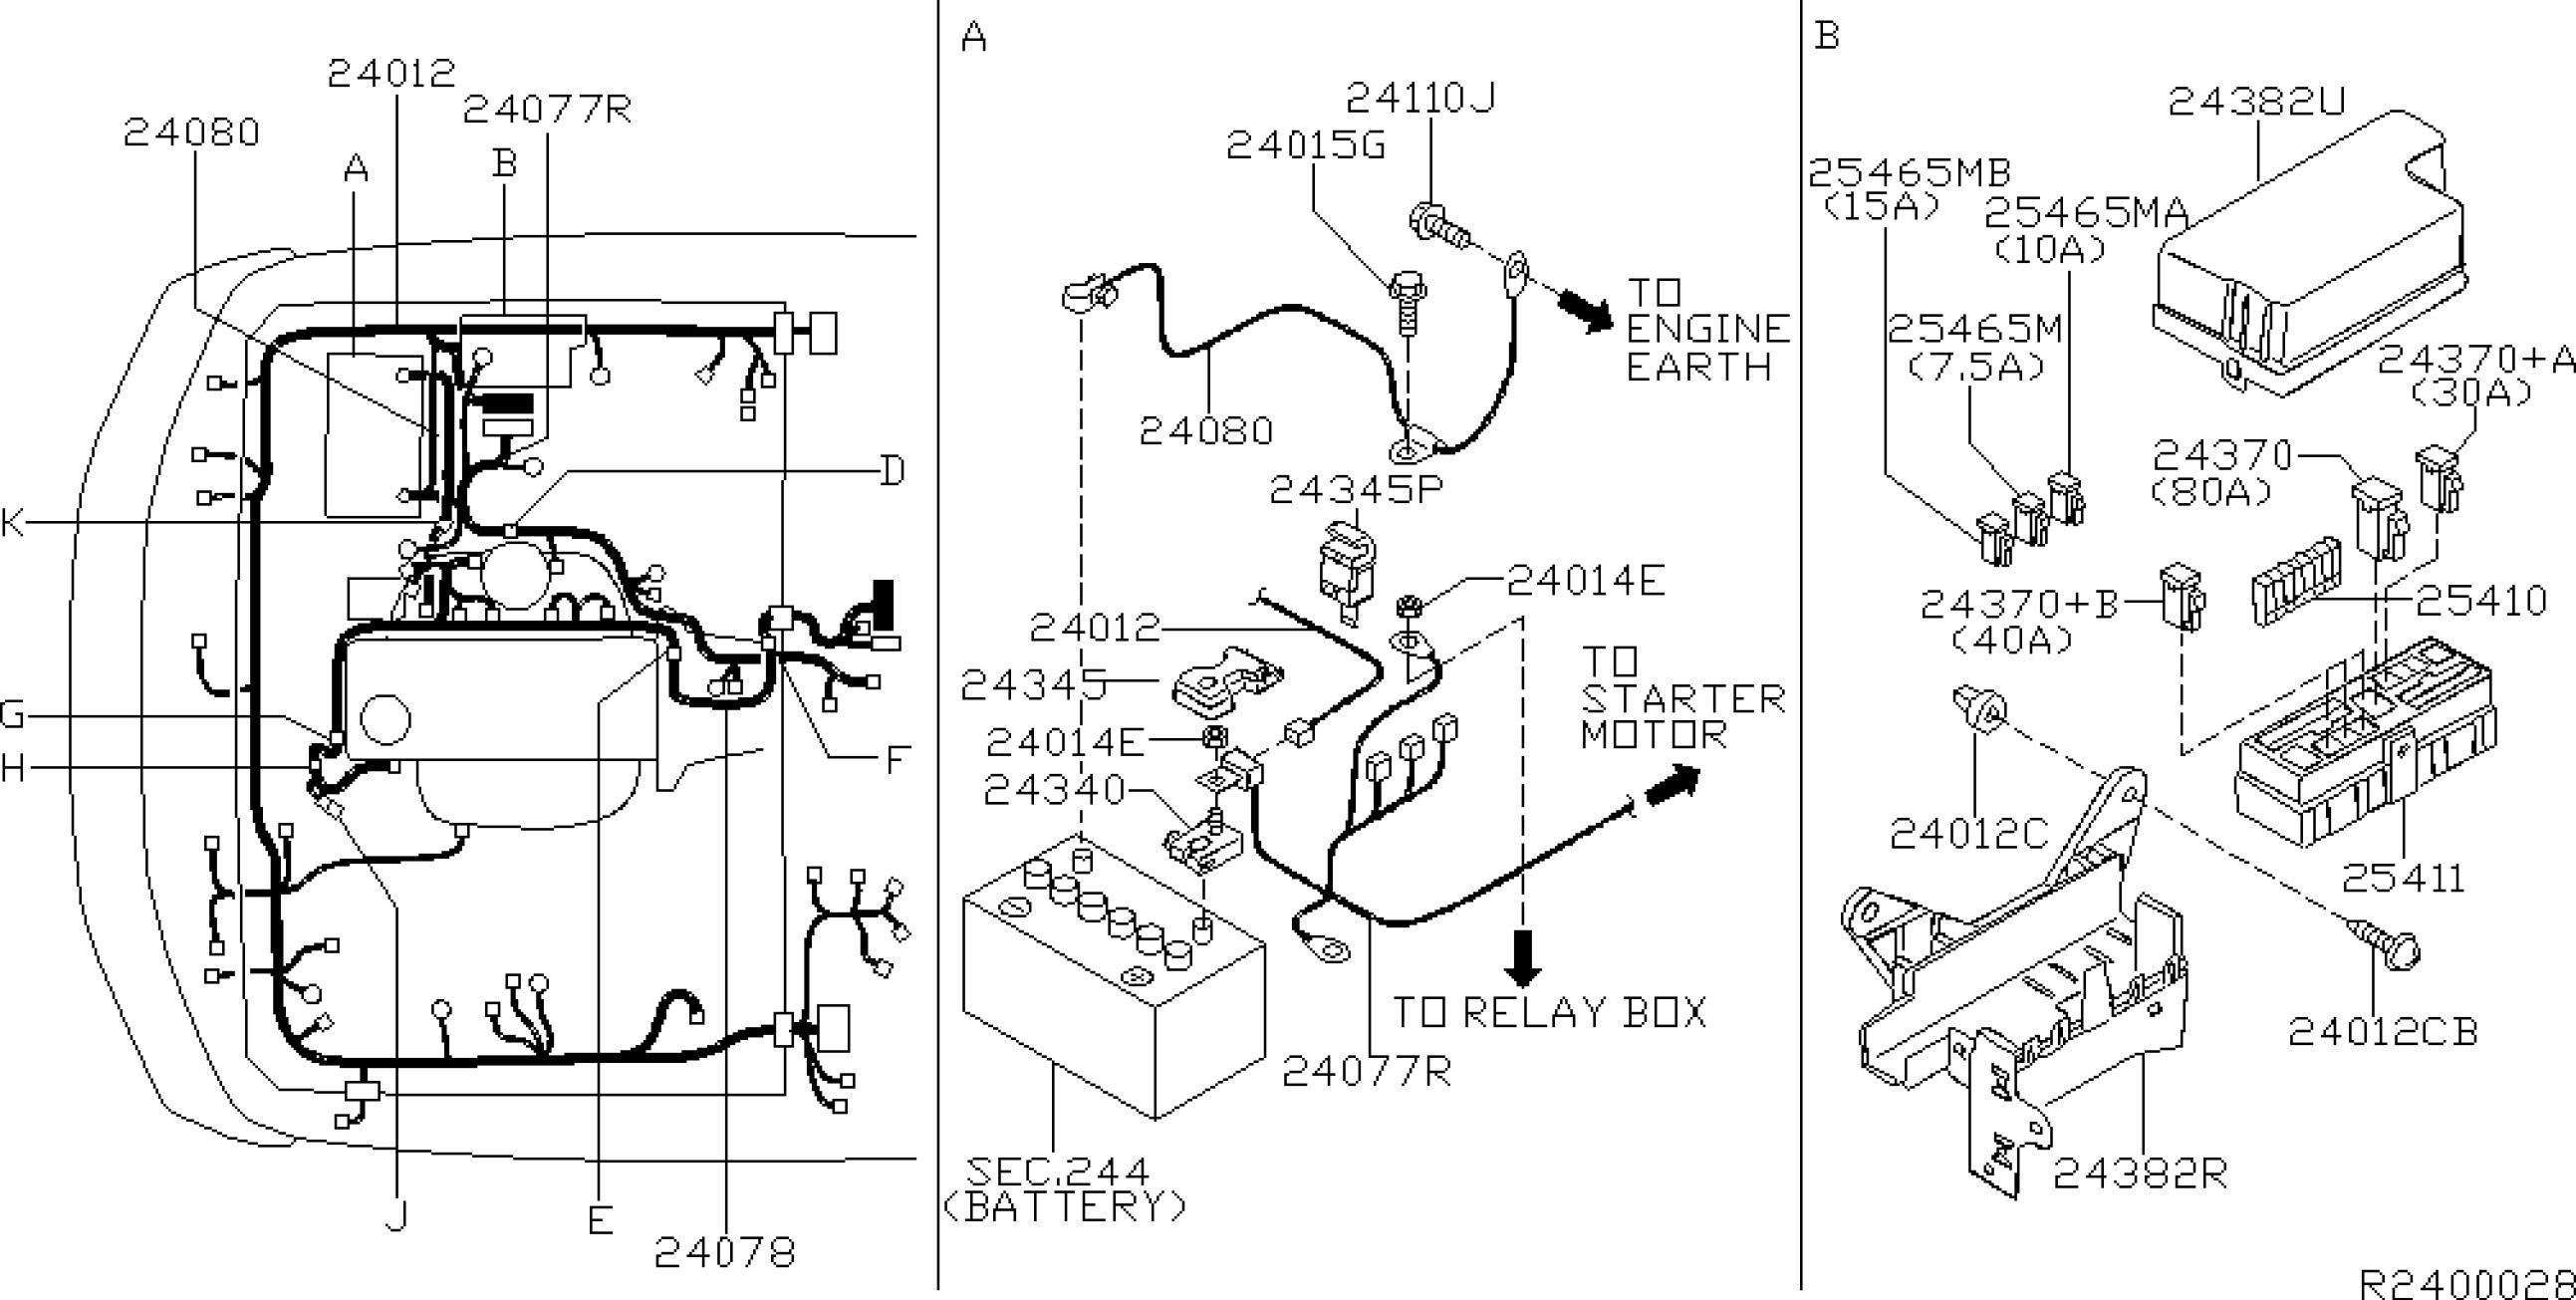 2001 Nissan Xterra Engine Diagram 2002 Nissan Xterra Oem Parts Nissan Usa Estore Of 2001 Nissan Xterra Engine Diagram